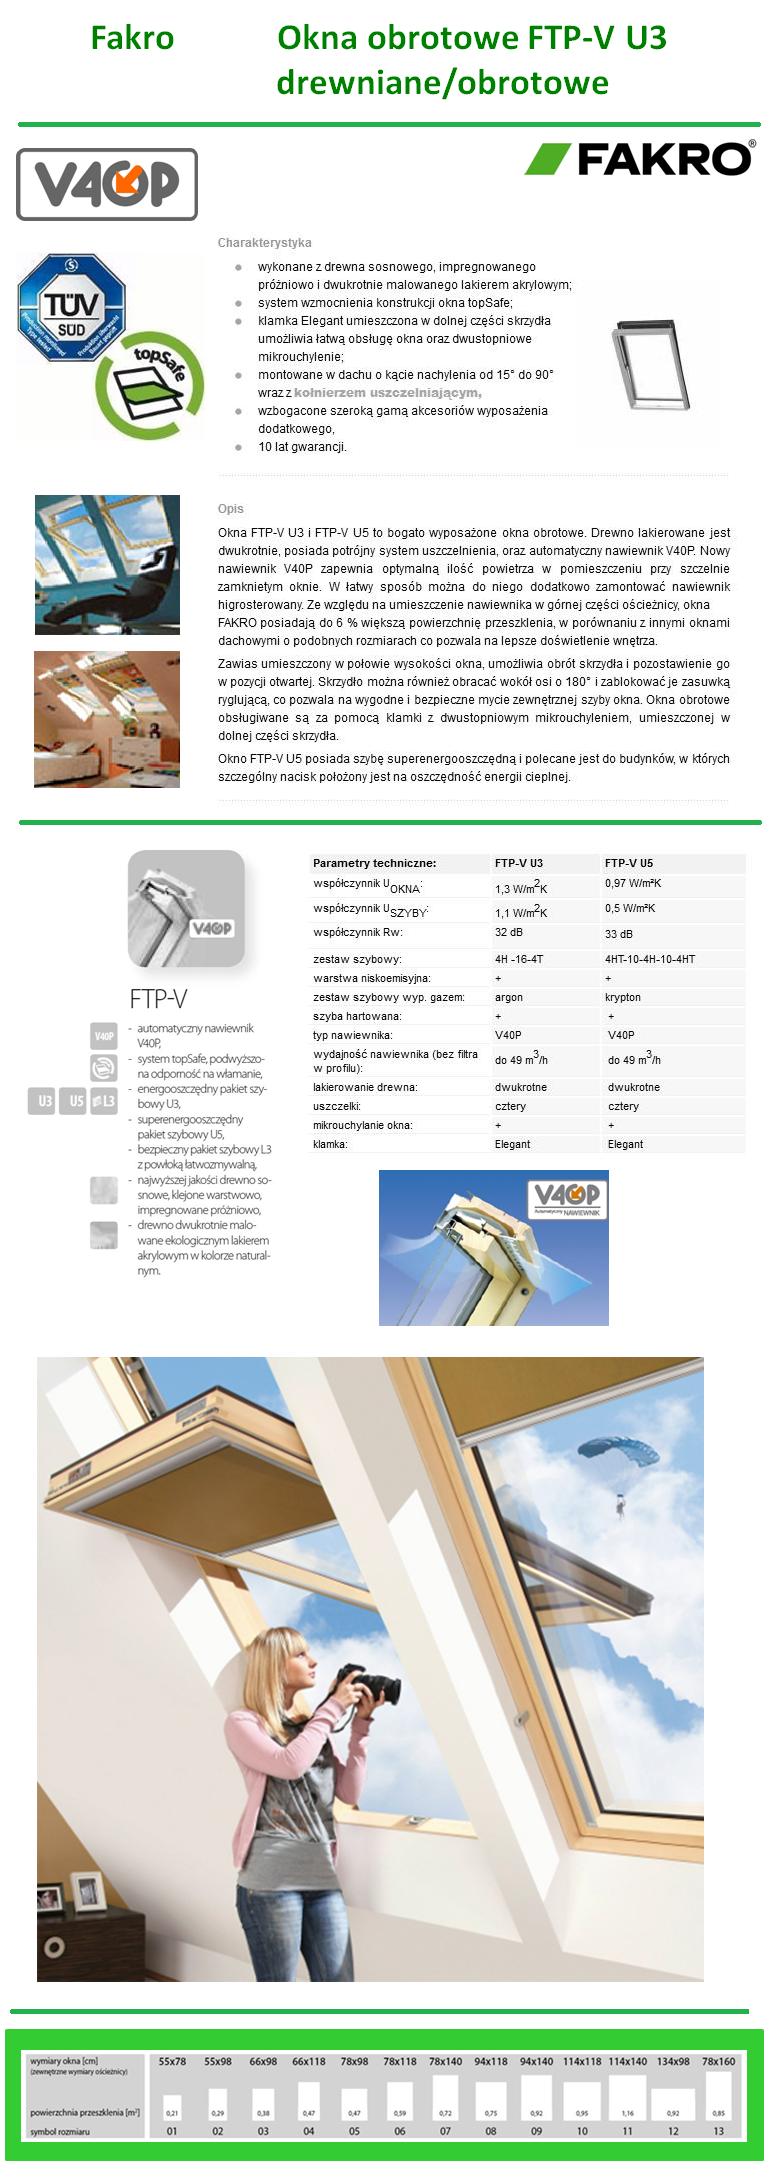 Okno Dachowe Fakro FTP-V U3 drewniane obrotowe